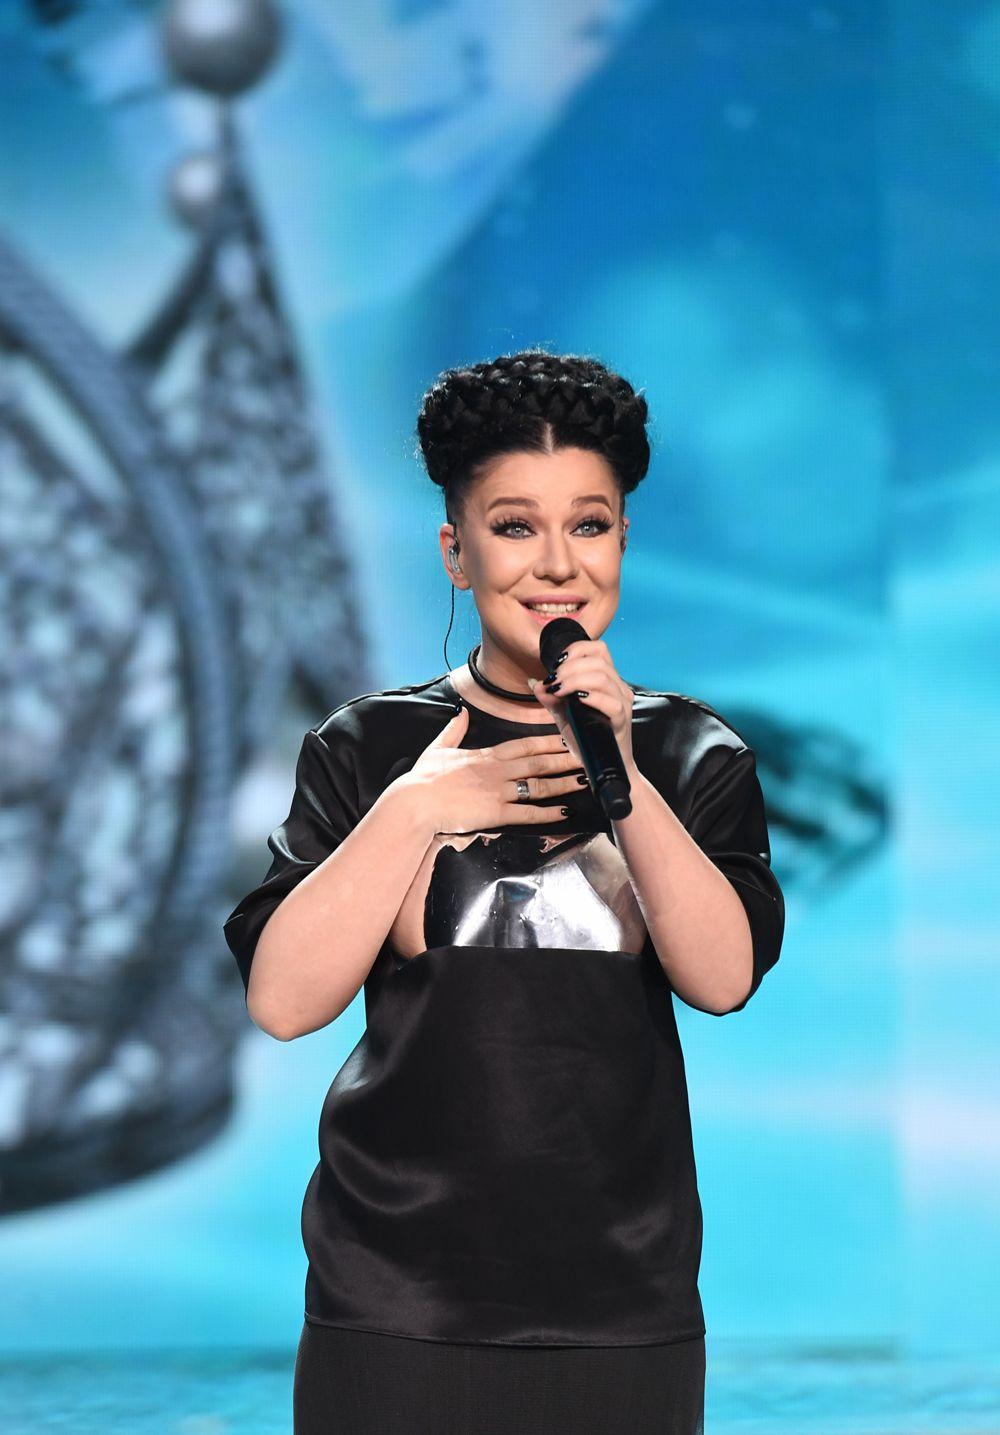 Певица Ёлка выступает вфинале конкурса «Мисс Россия-2017» вконцертном зале «Барвиха».